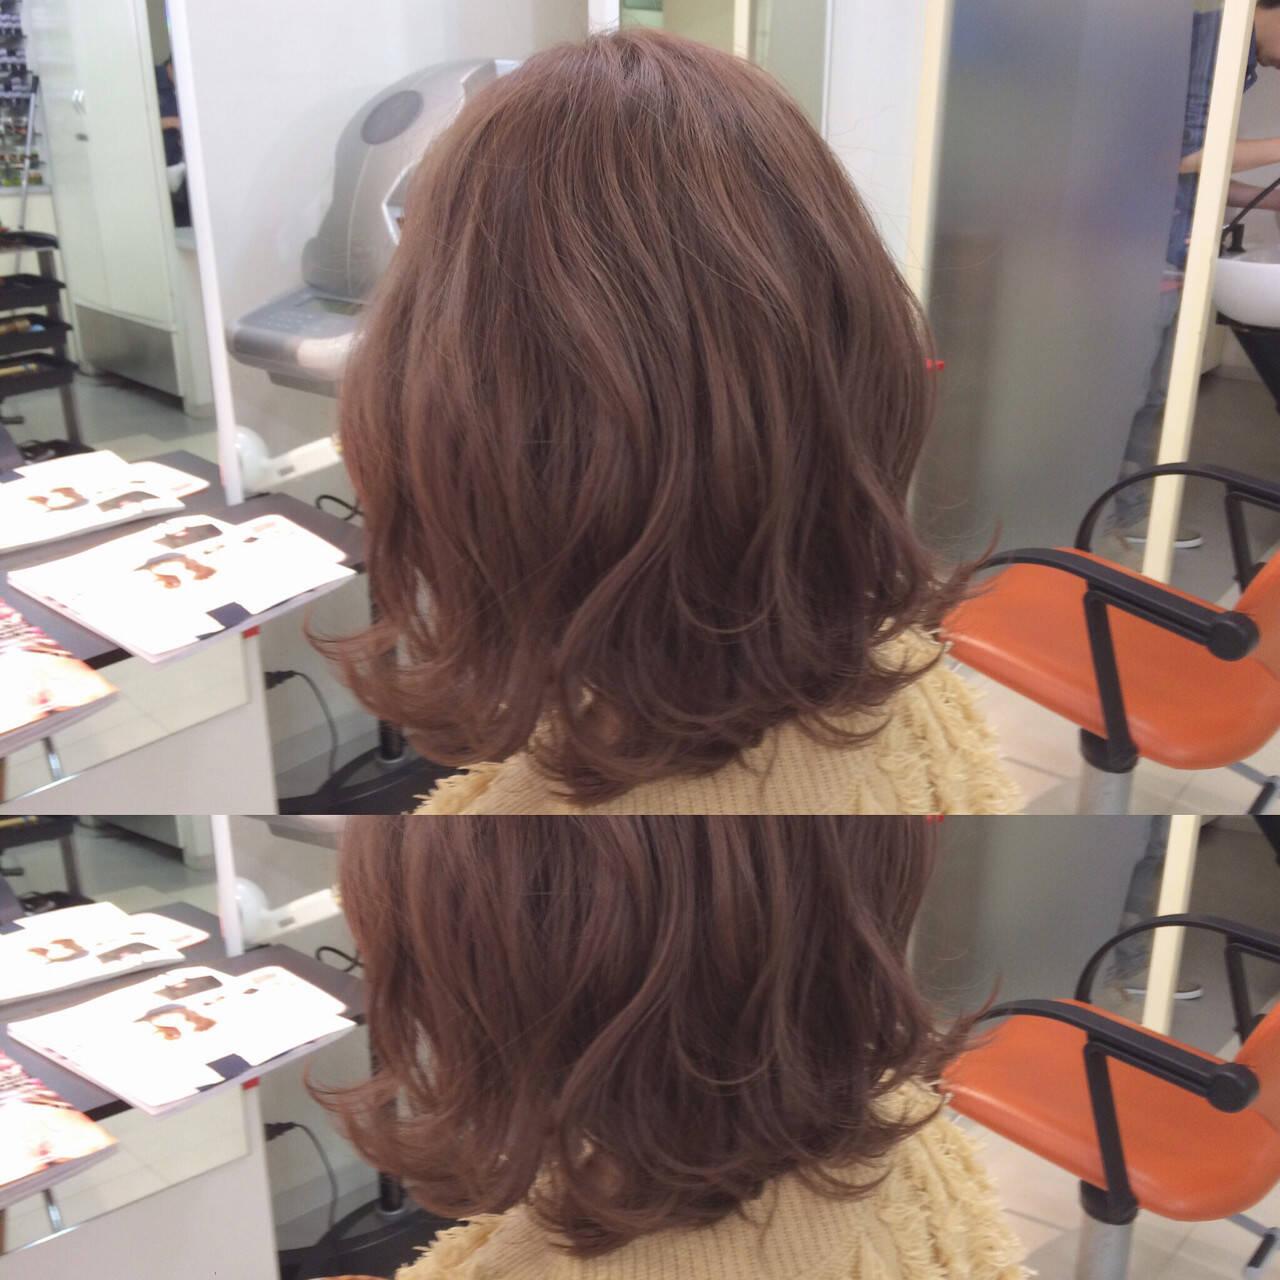 色気 ピンク ミディアム ピンクアッシュヘアスタイルや髪型の写真・画像